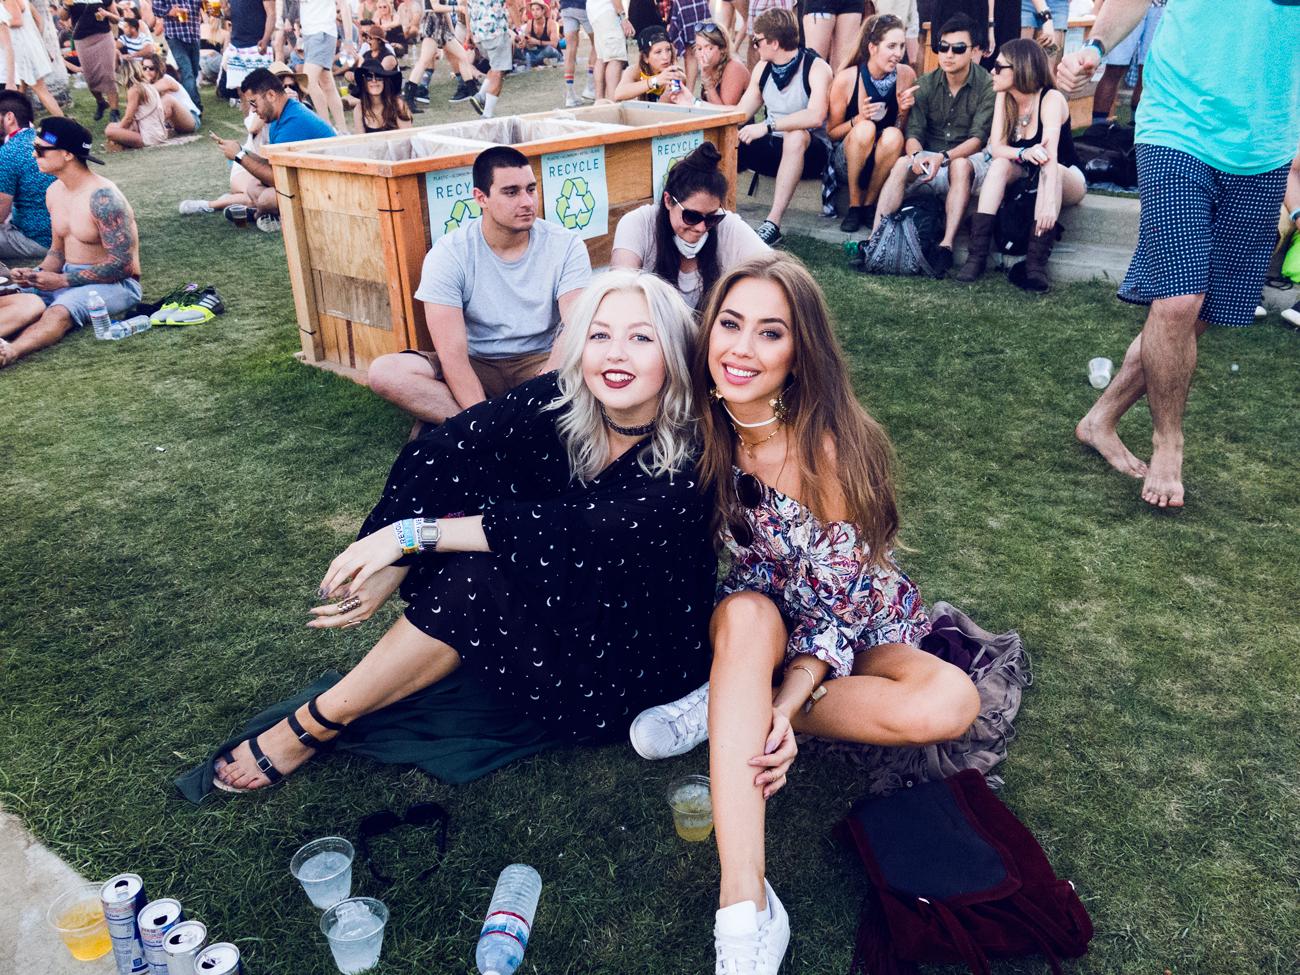 Kenza_Zouiten_Coachella_day3_07